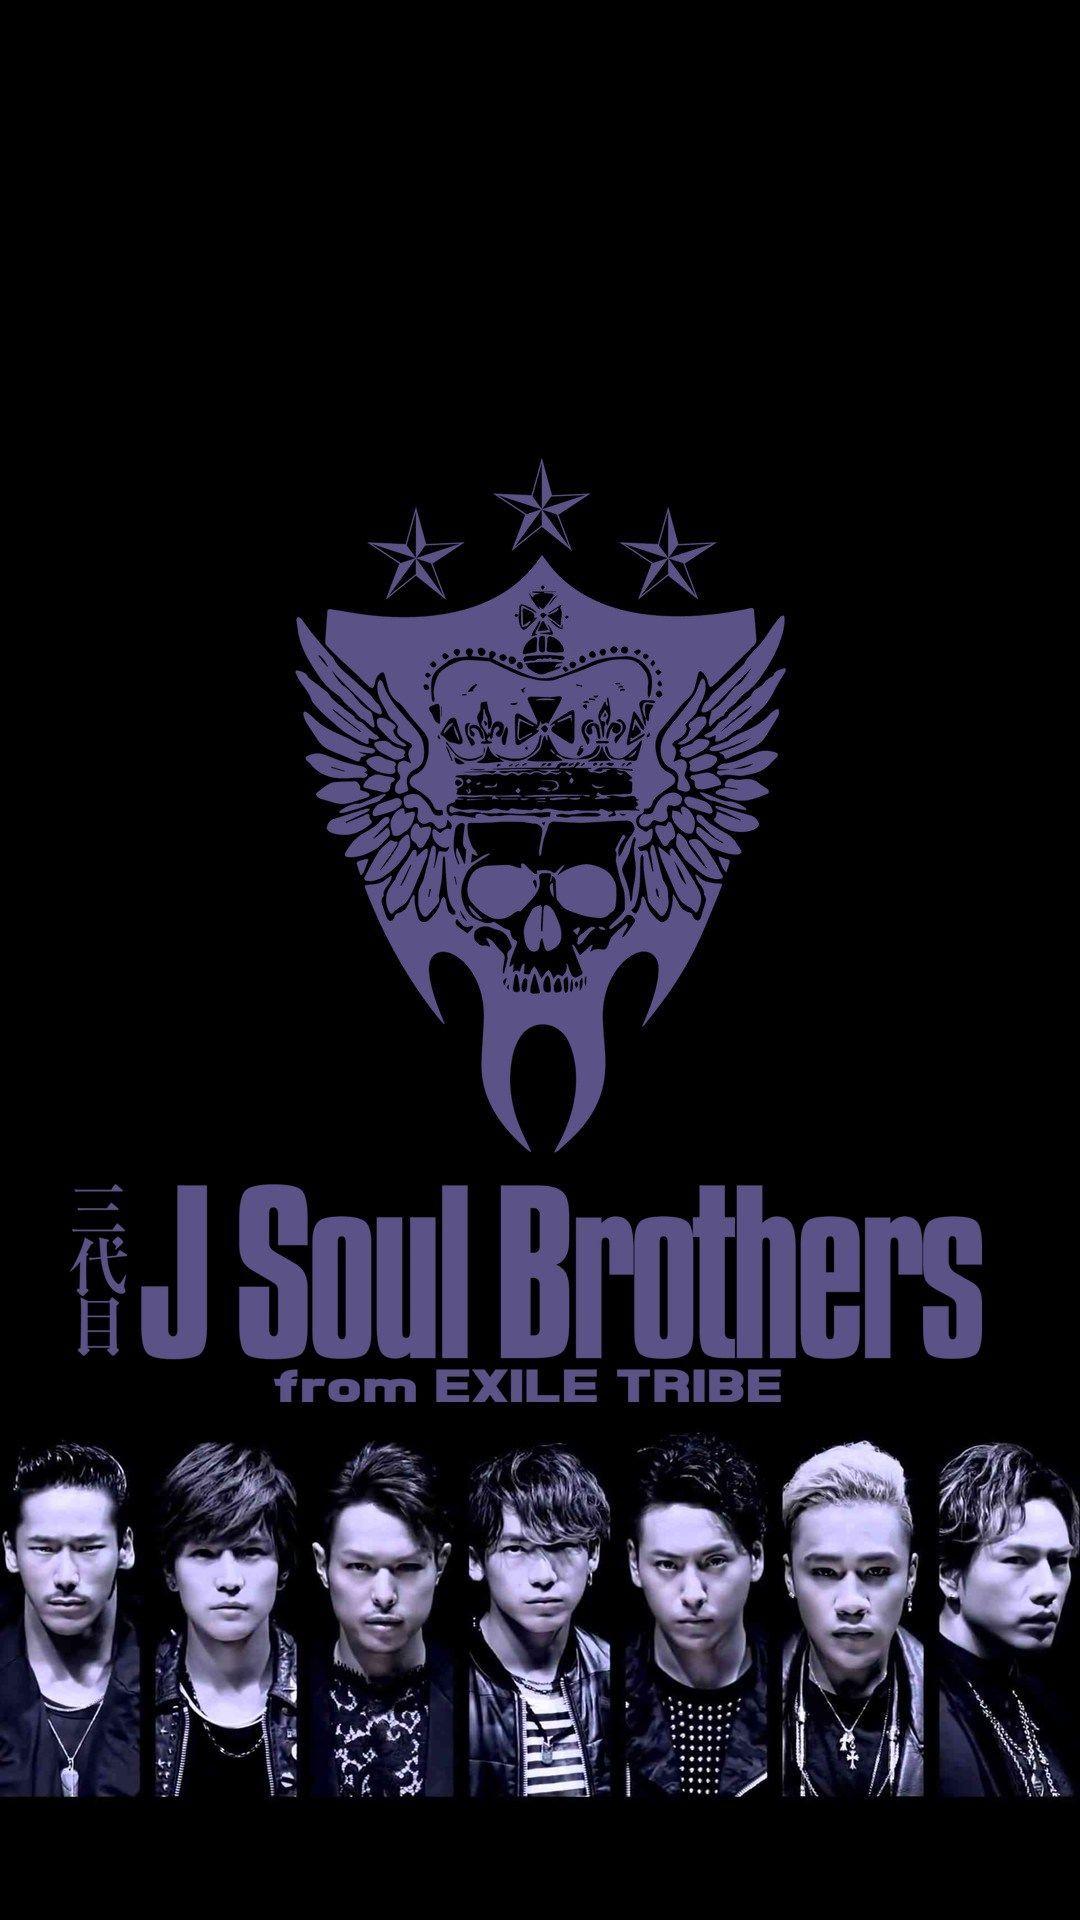 三代目 J Soul Brothersiphone用9 スマホ壁紙net 3 In 19 三代目j Soul Brothers 3代目j Soul Brothers 健二郎